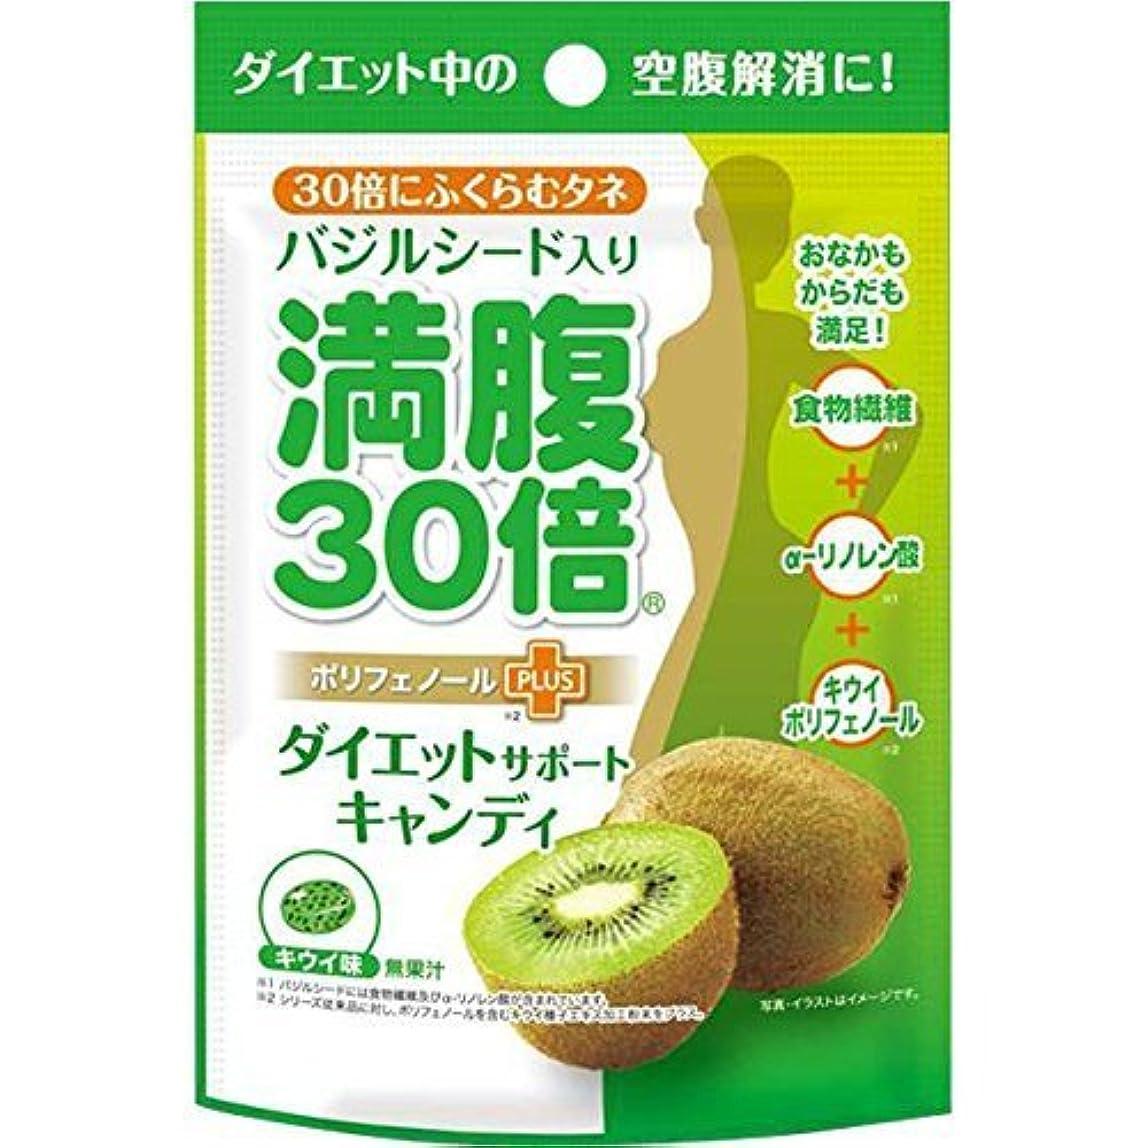 増強する部分アンビエントグラフィコ 満腹30倍ダイエットサポートキャンディ キウイ42g×3